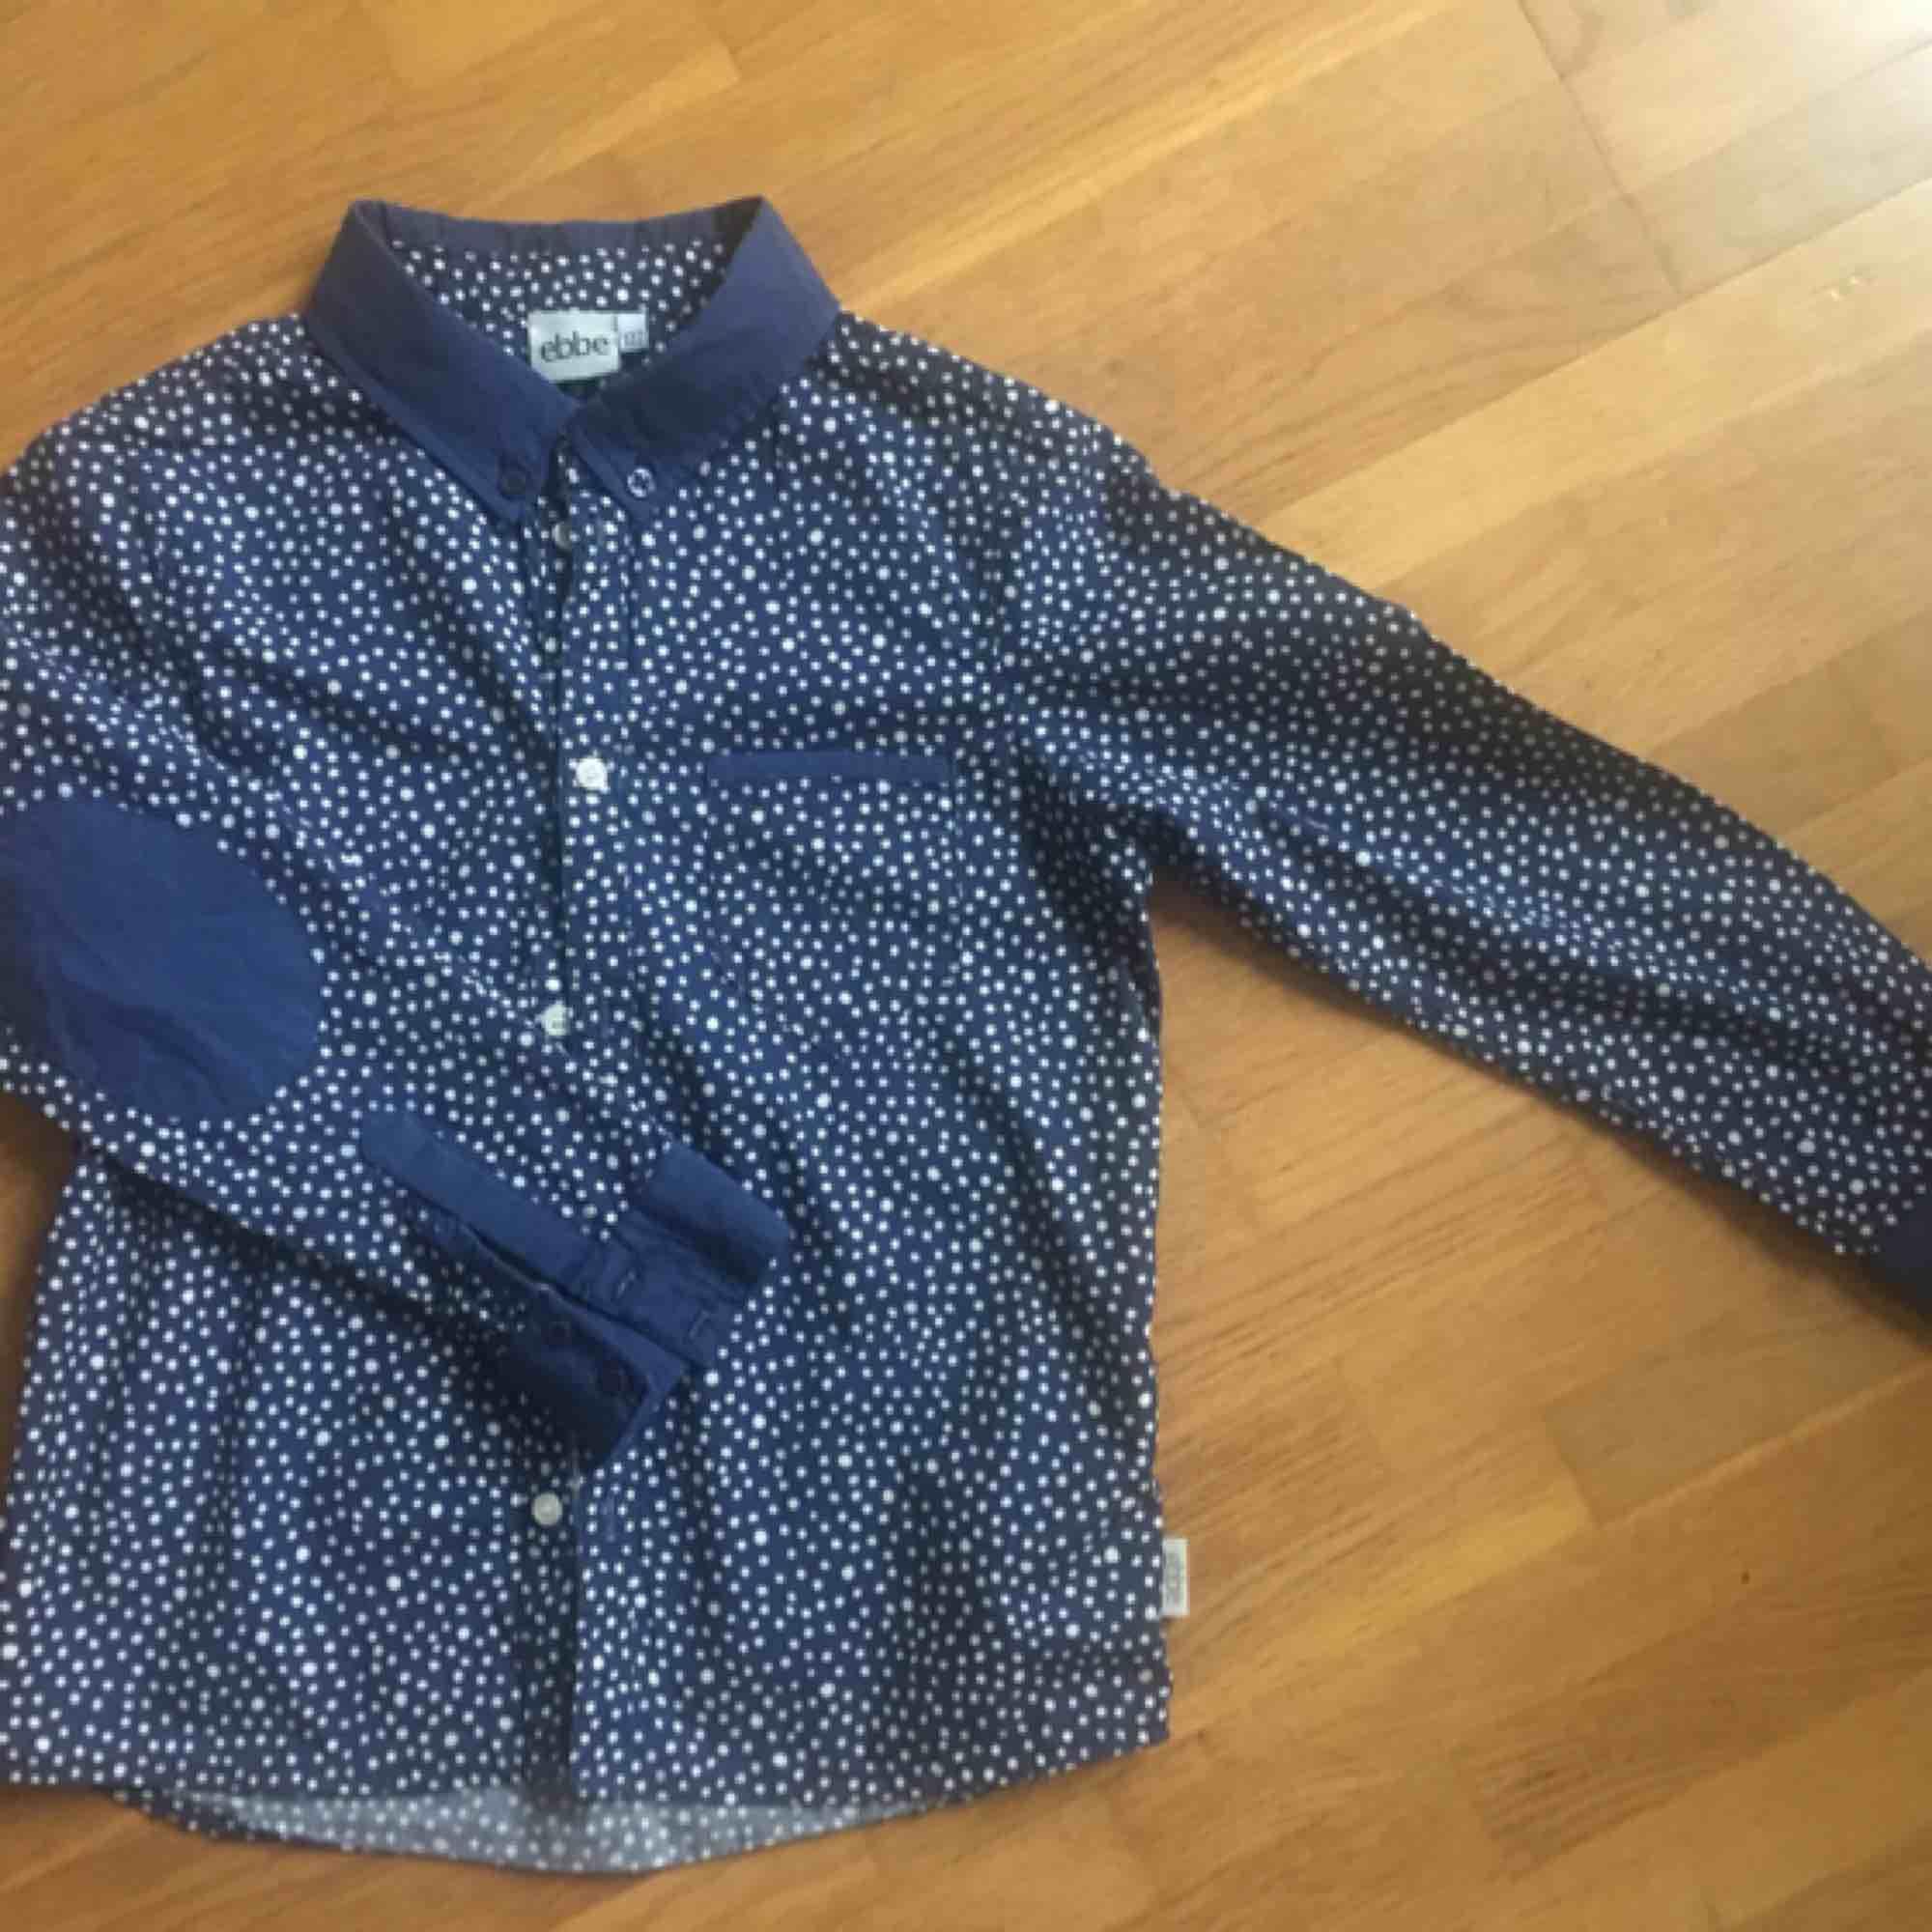 Ebbe skjorta, marinblå med vita prickar, storlek 122, mycket fint skick. Skjortor.